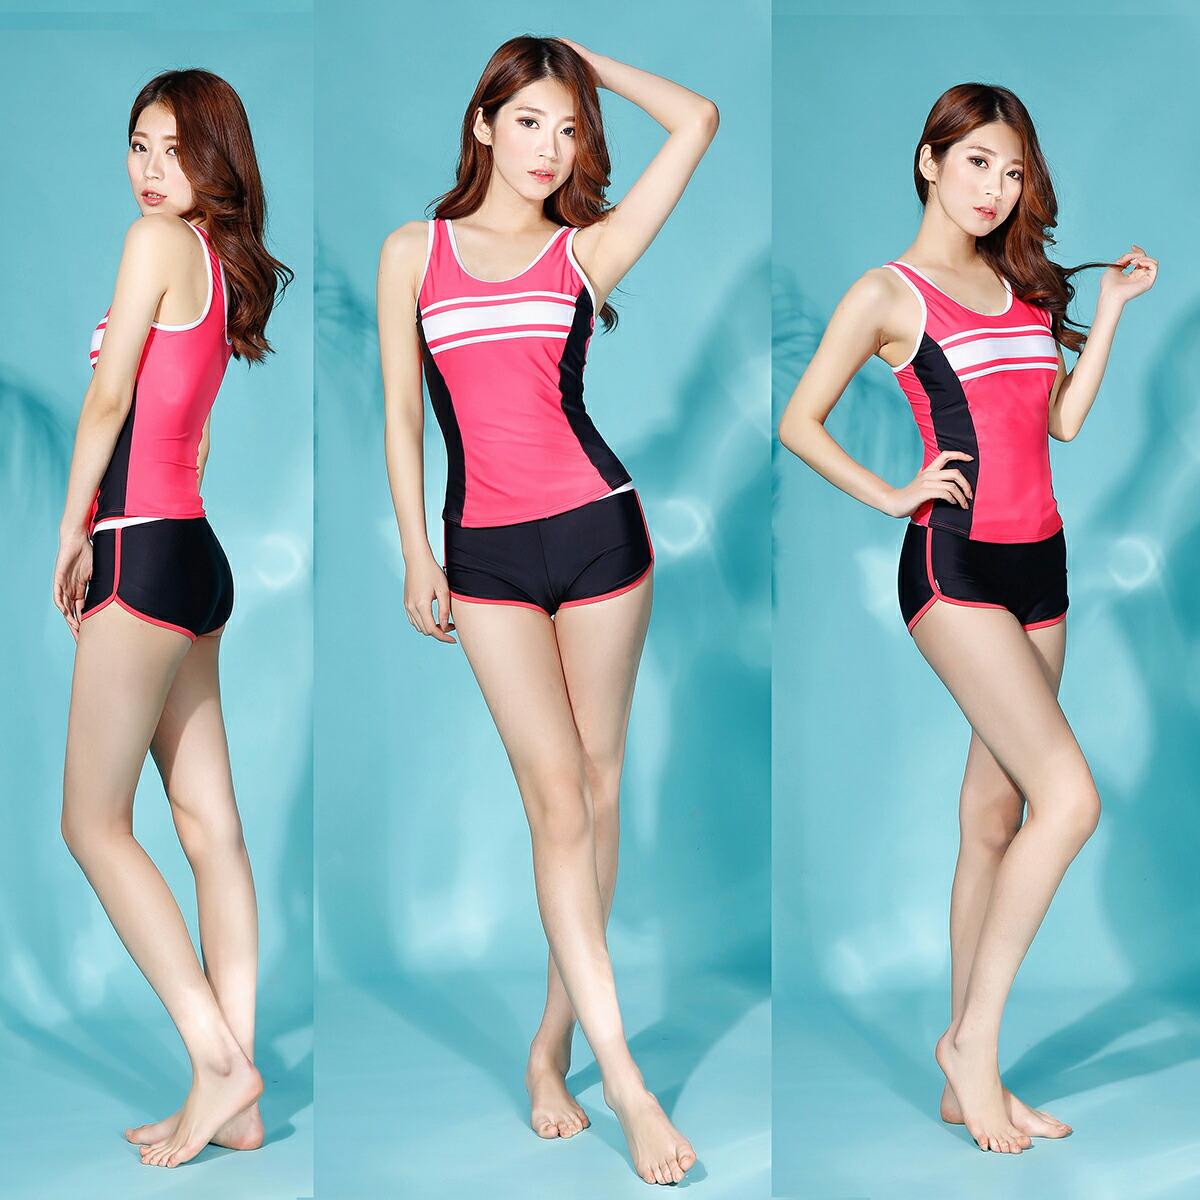 UVカットフィットネス水着 七分袖 紫外線防止 レディース 水着日焼け防止カラーフィットネスウェア